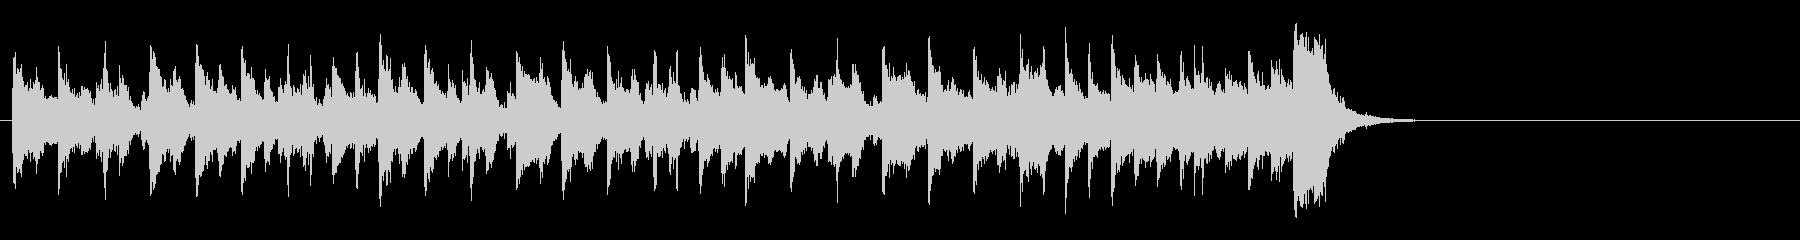 和やかなポップ BGM(イントロ)の未再生の波形